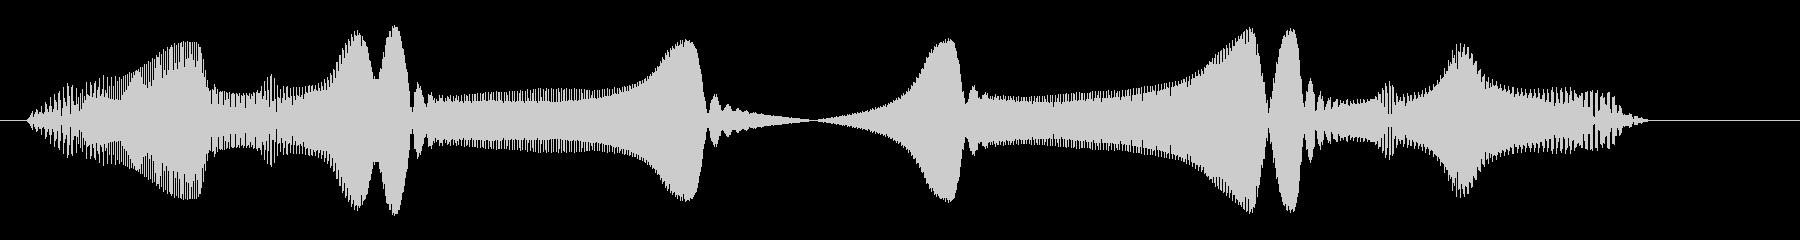 キラリーン(ピンチの時に突然現れる人物)の未再生の波形